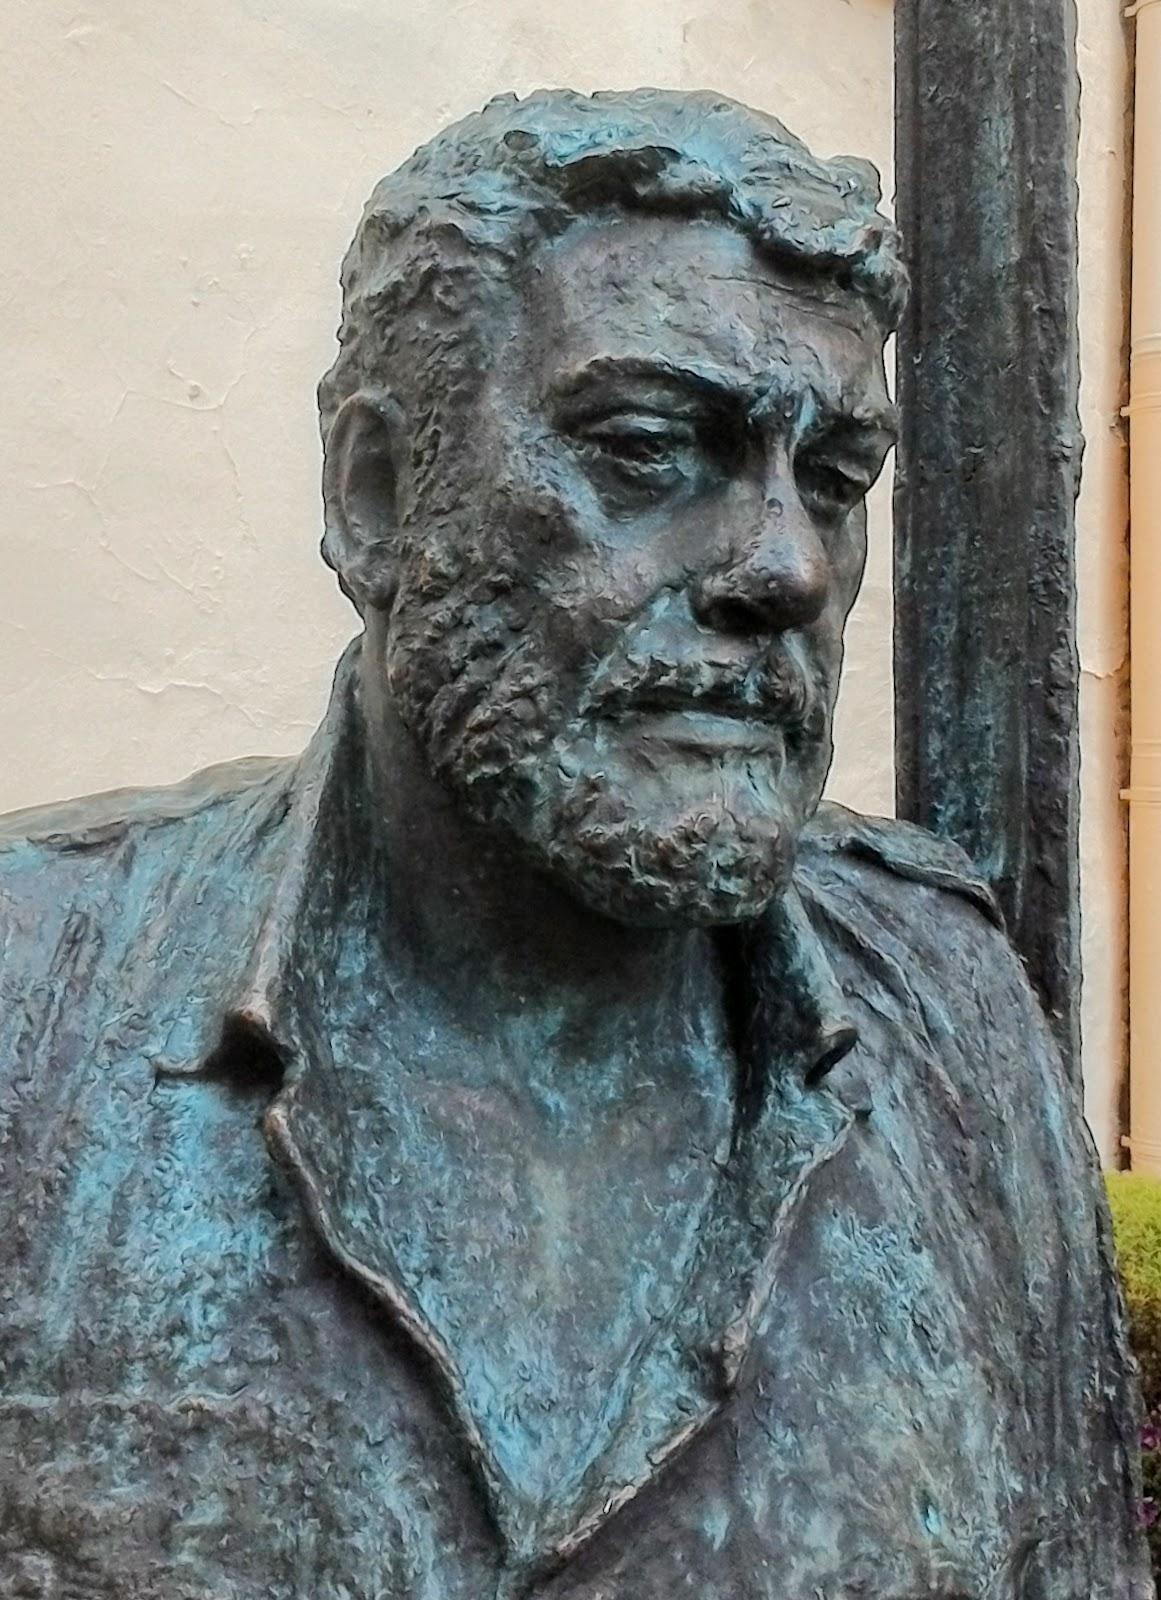 Сергей Довлатов. Памятник на Рубинштейна 23